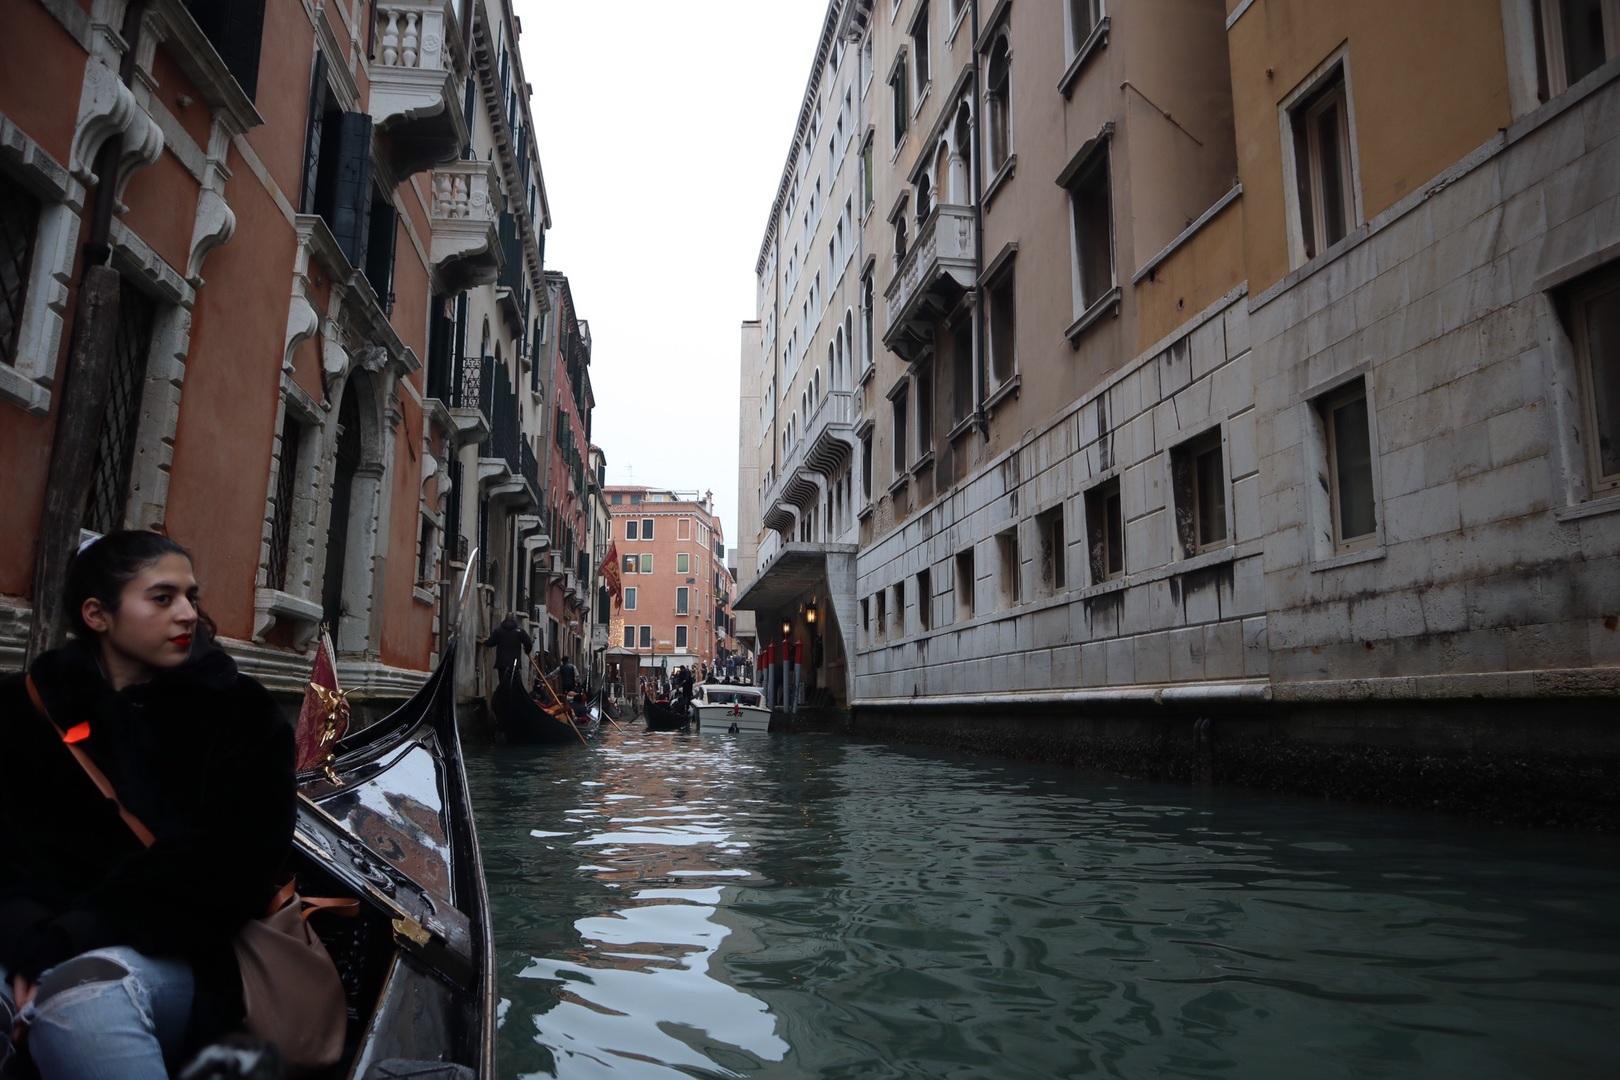 12月末の参加で寒さが不安でしたが、大阪の寒さとそれほど変わらず、ヴェネチアの美しい景色を楽しむことができました!